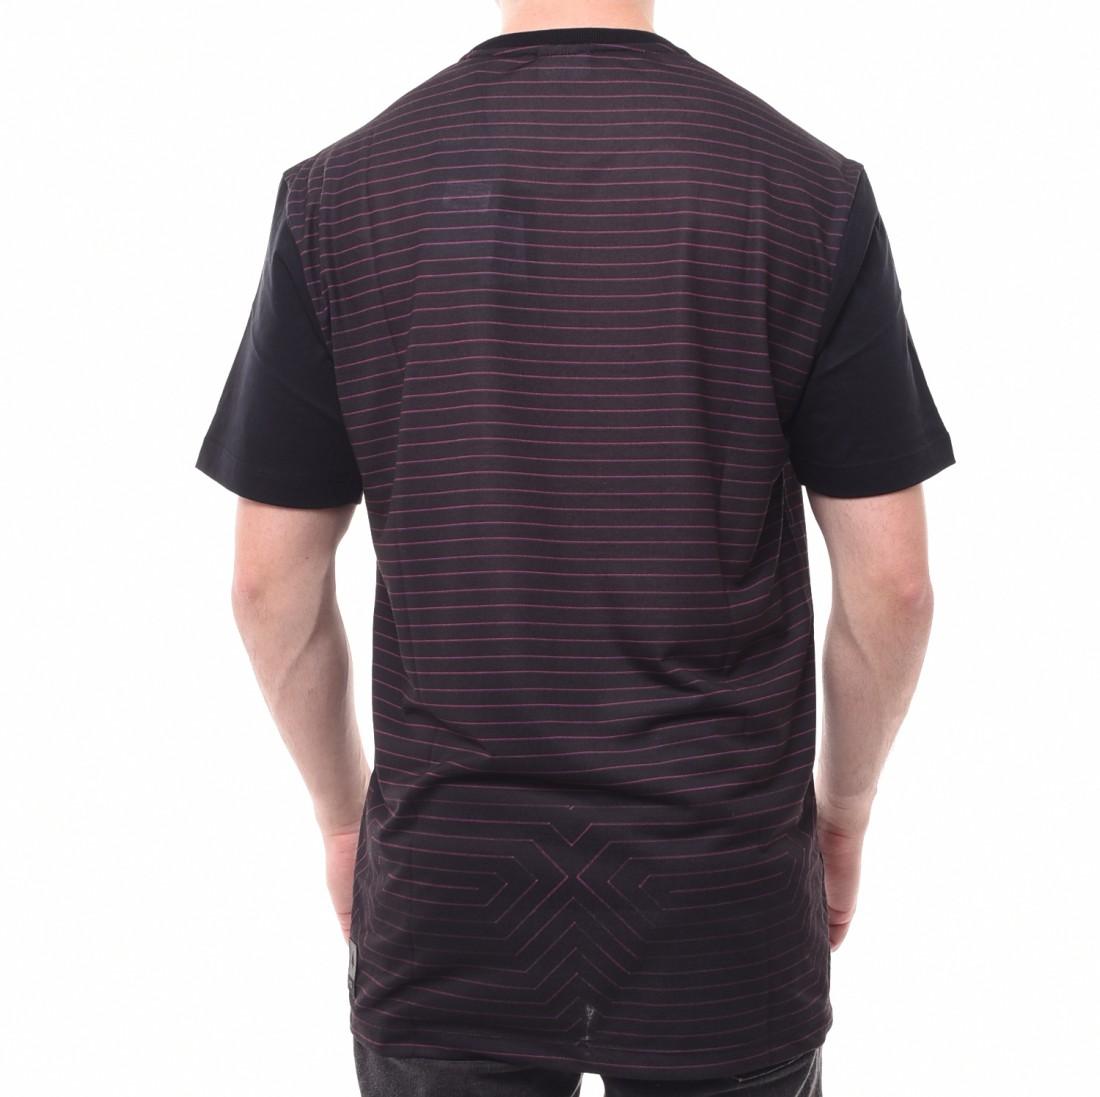 Camiseta MCD Fit Listrada Preto e Rosa - LM Martins - Veste você por ... 26474d4d3f1